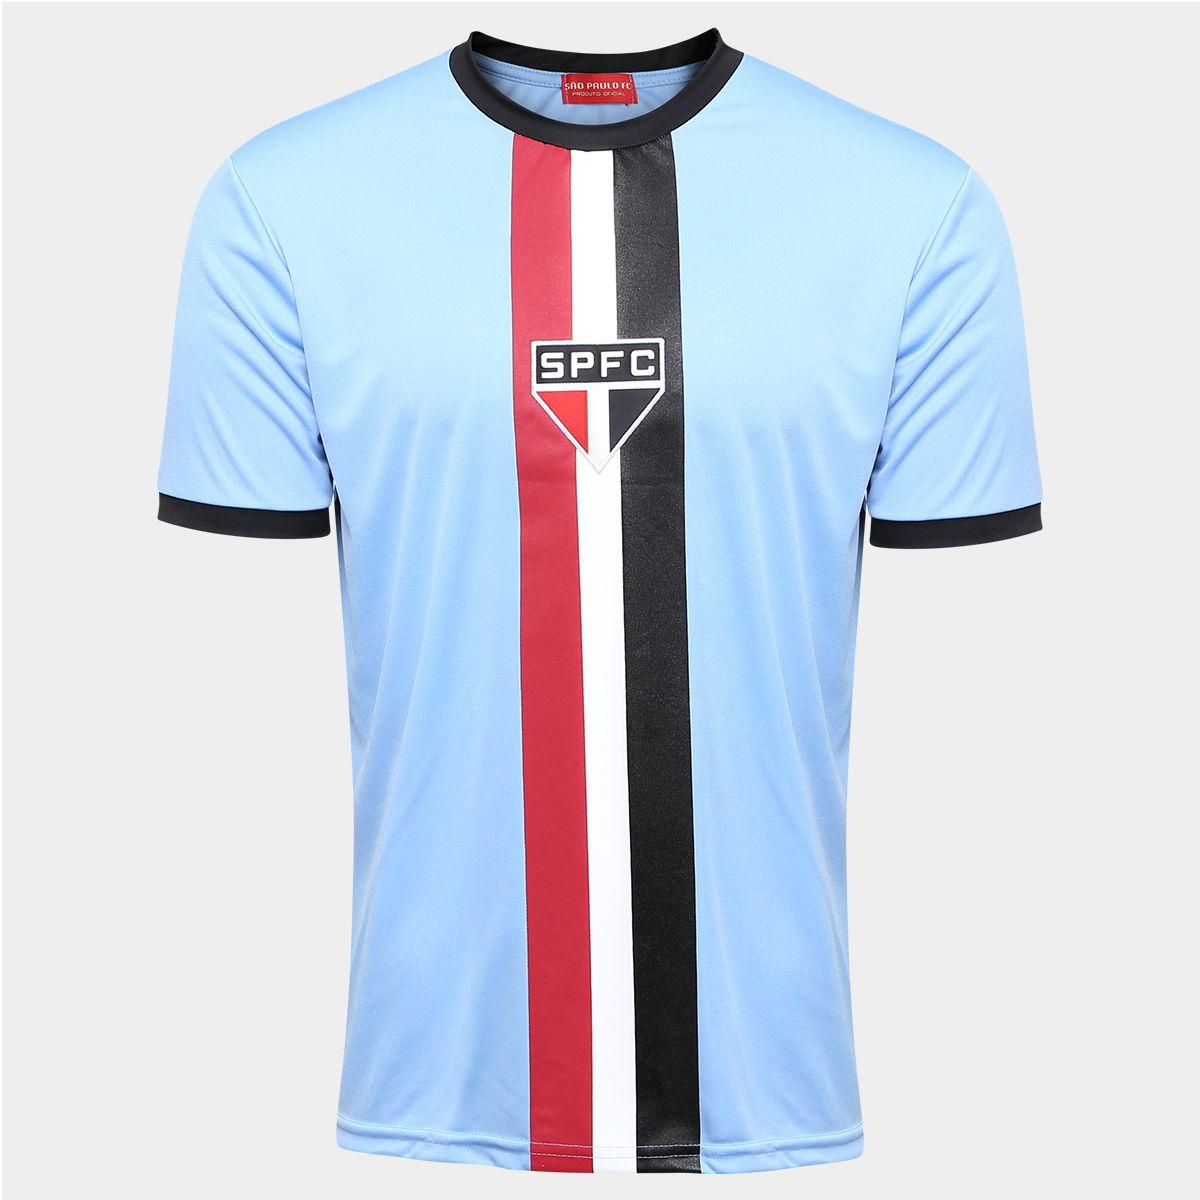 Camisa São Paulo Celeste - Edição Limitada - Azul+Preto  ae0e3c65494f8